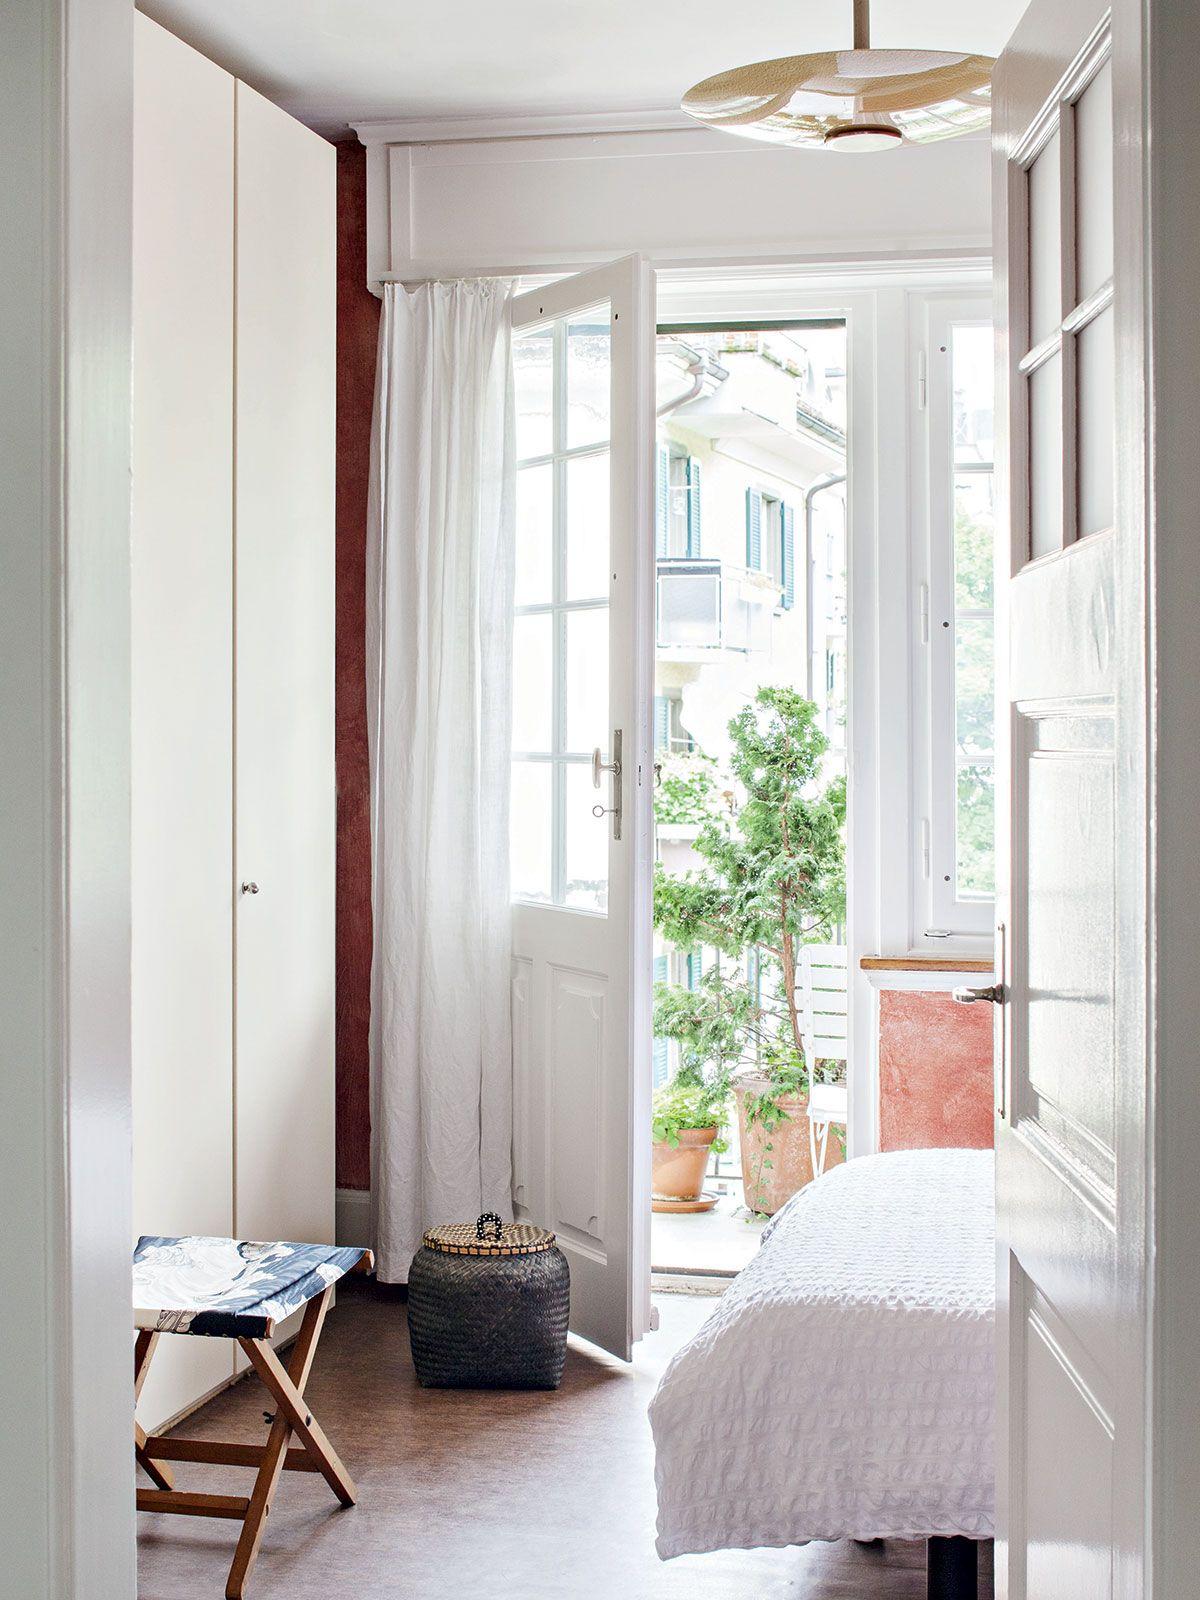 Makuuhuoneesta aukeaa toinen ovi pitkälle parvekkeelle. Doris on maalannut seinät lämpimän punaruskeiksi, koska makuuhuoneeseen ei paista aurinko, ja sinne tulee ikkunoista kylmää valoa. Seuraava remonttiprojekti on makuuhuoneen lattia, jossa on vanha ja kulunut muovimatto.